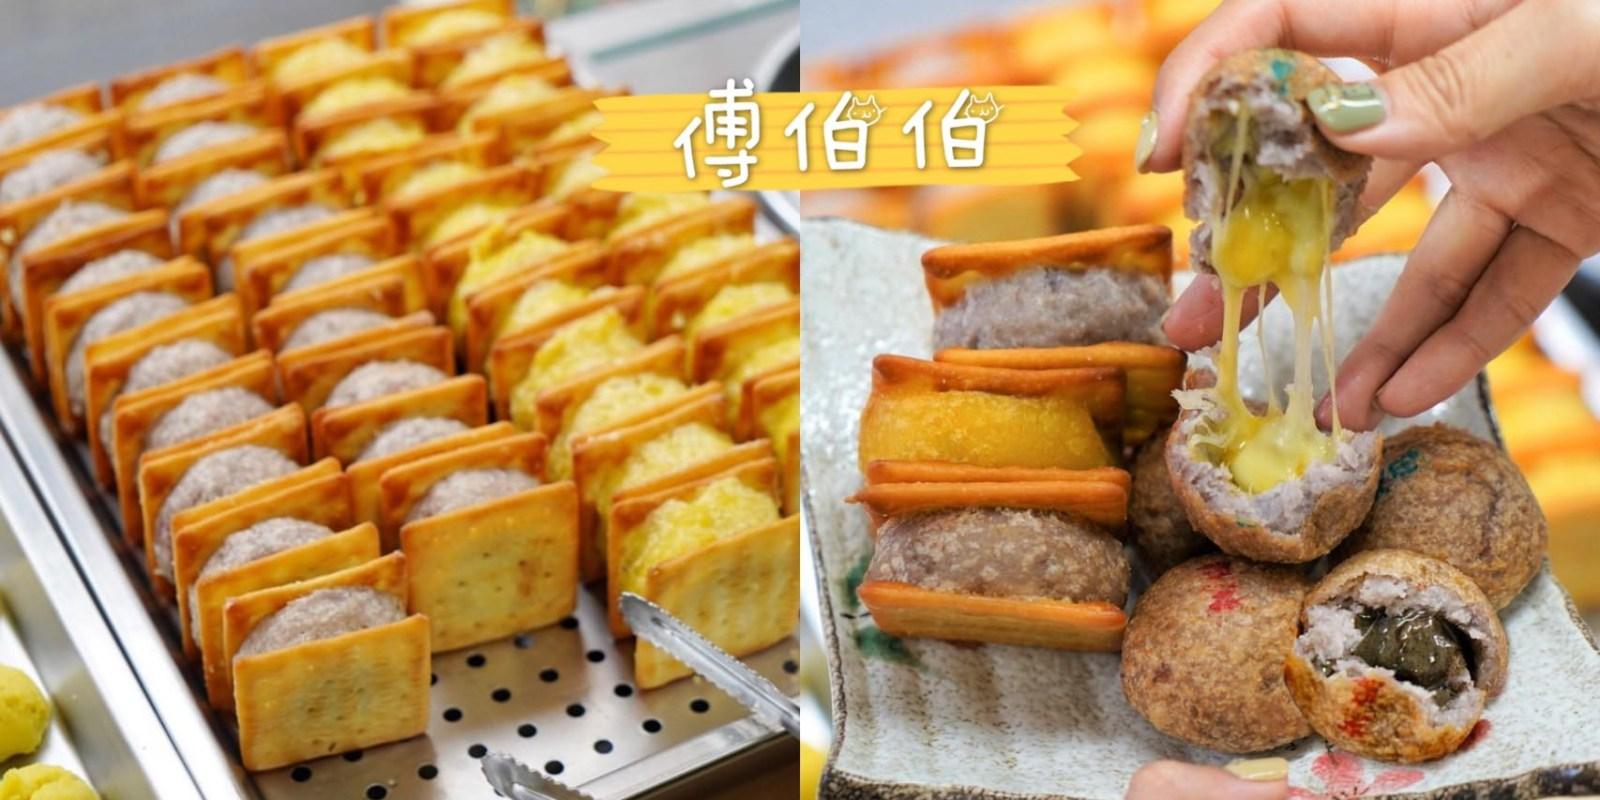 【新竹美食】傅伯伯脆皮芋頭酥地瓜酥新竹店,現點現做還會爆漿牽絲!新竹城隍廟散步美食